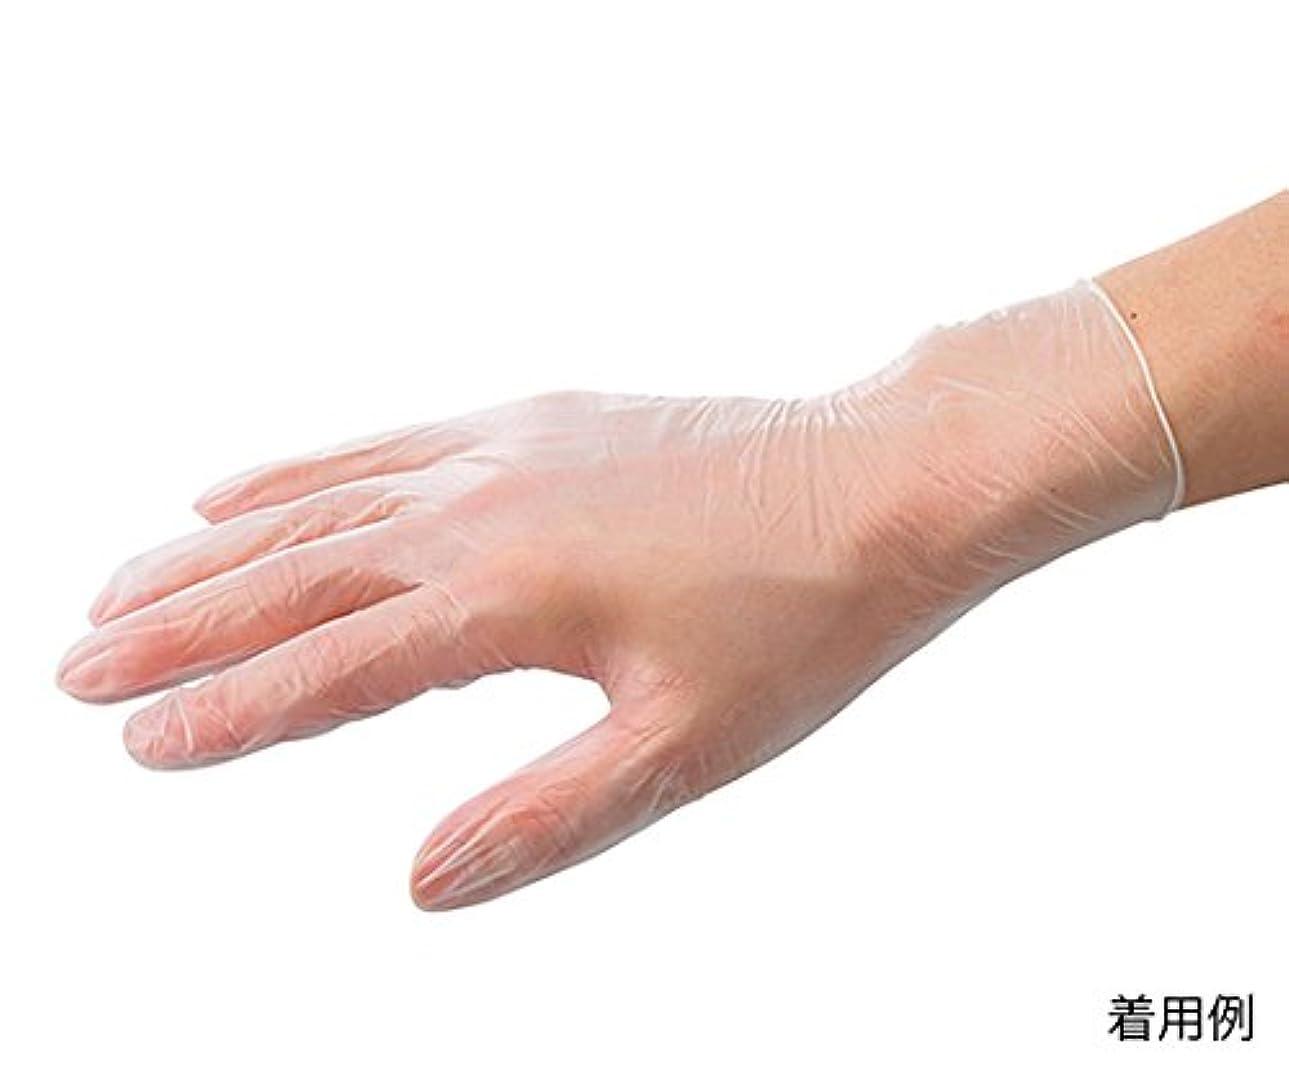 ドリンク離婚成果ARメディコム?インク?アジアリミテッド7-3727-02バイタルプラスチック手袋(パウダー付き)M150枚入